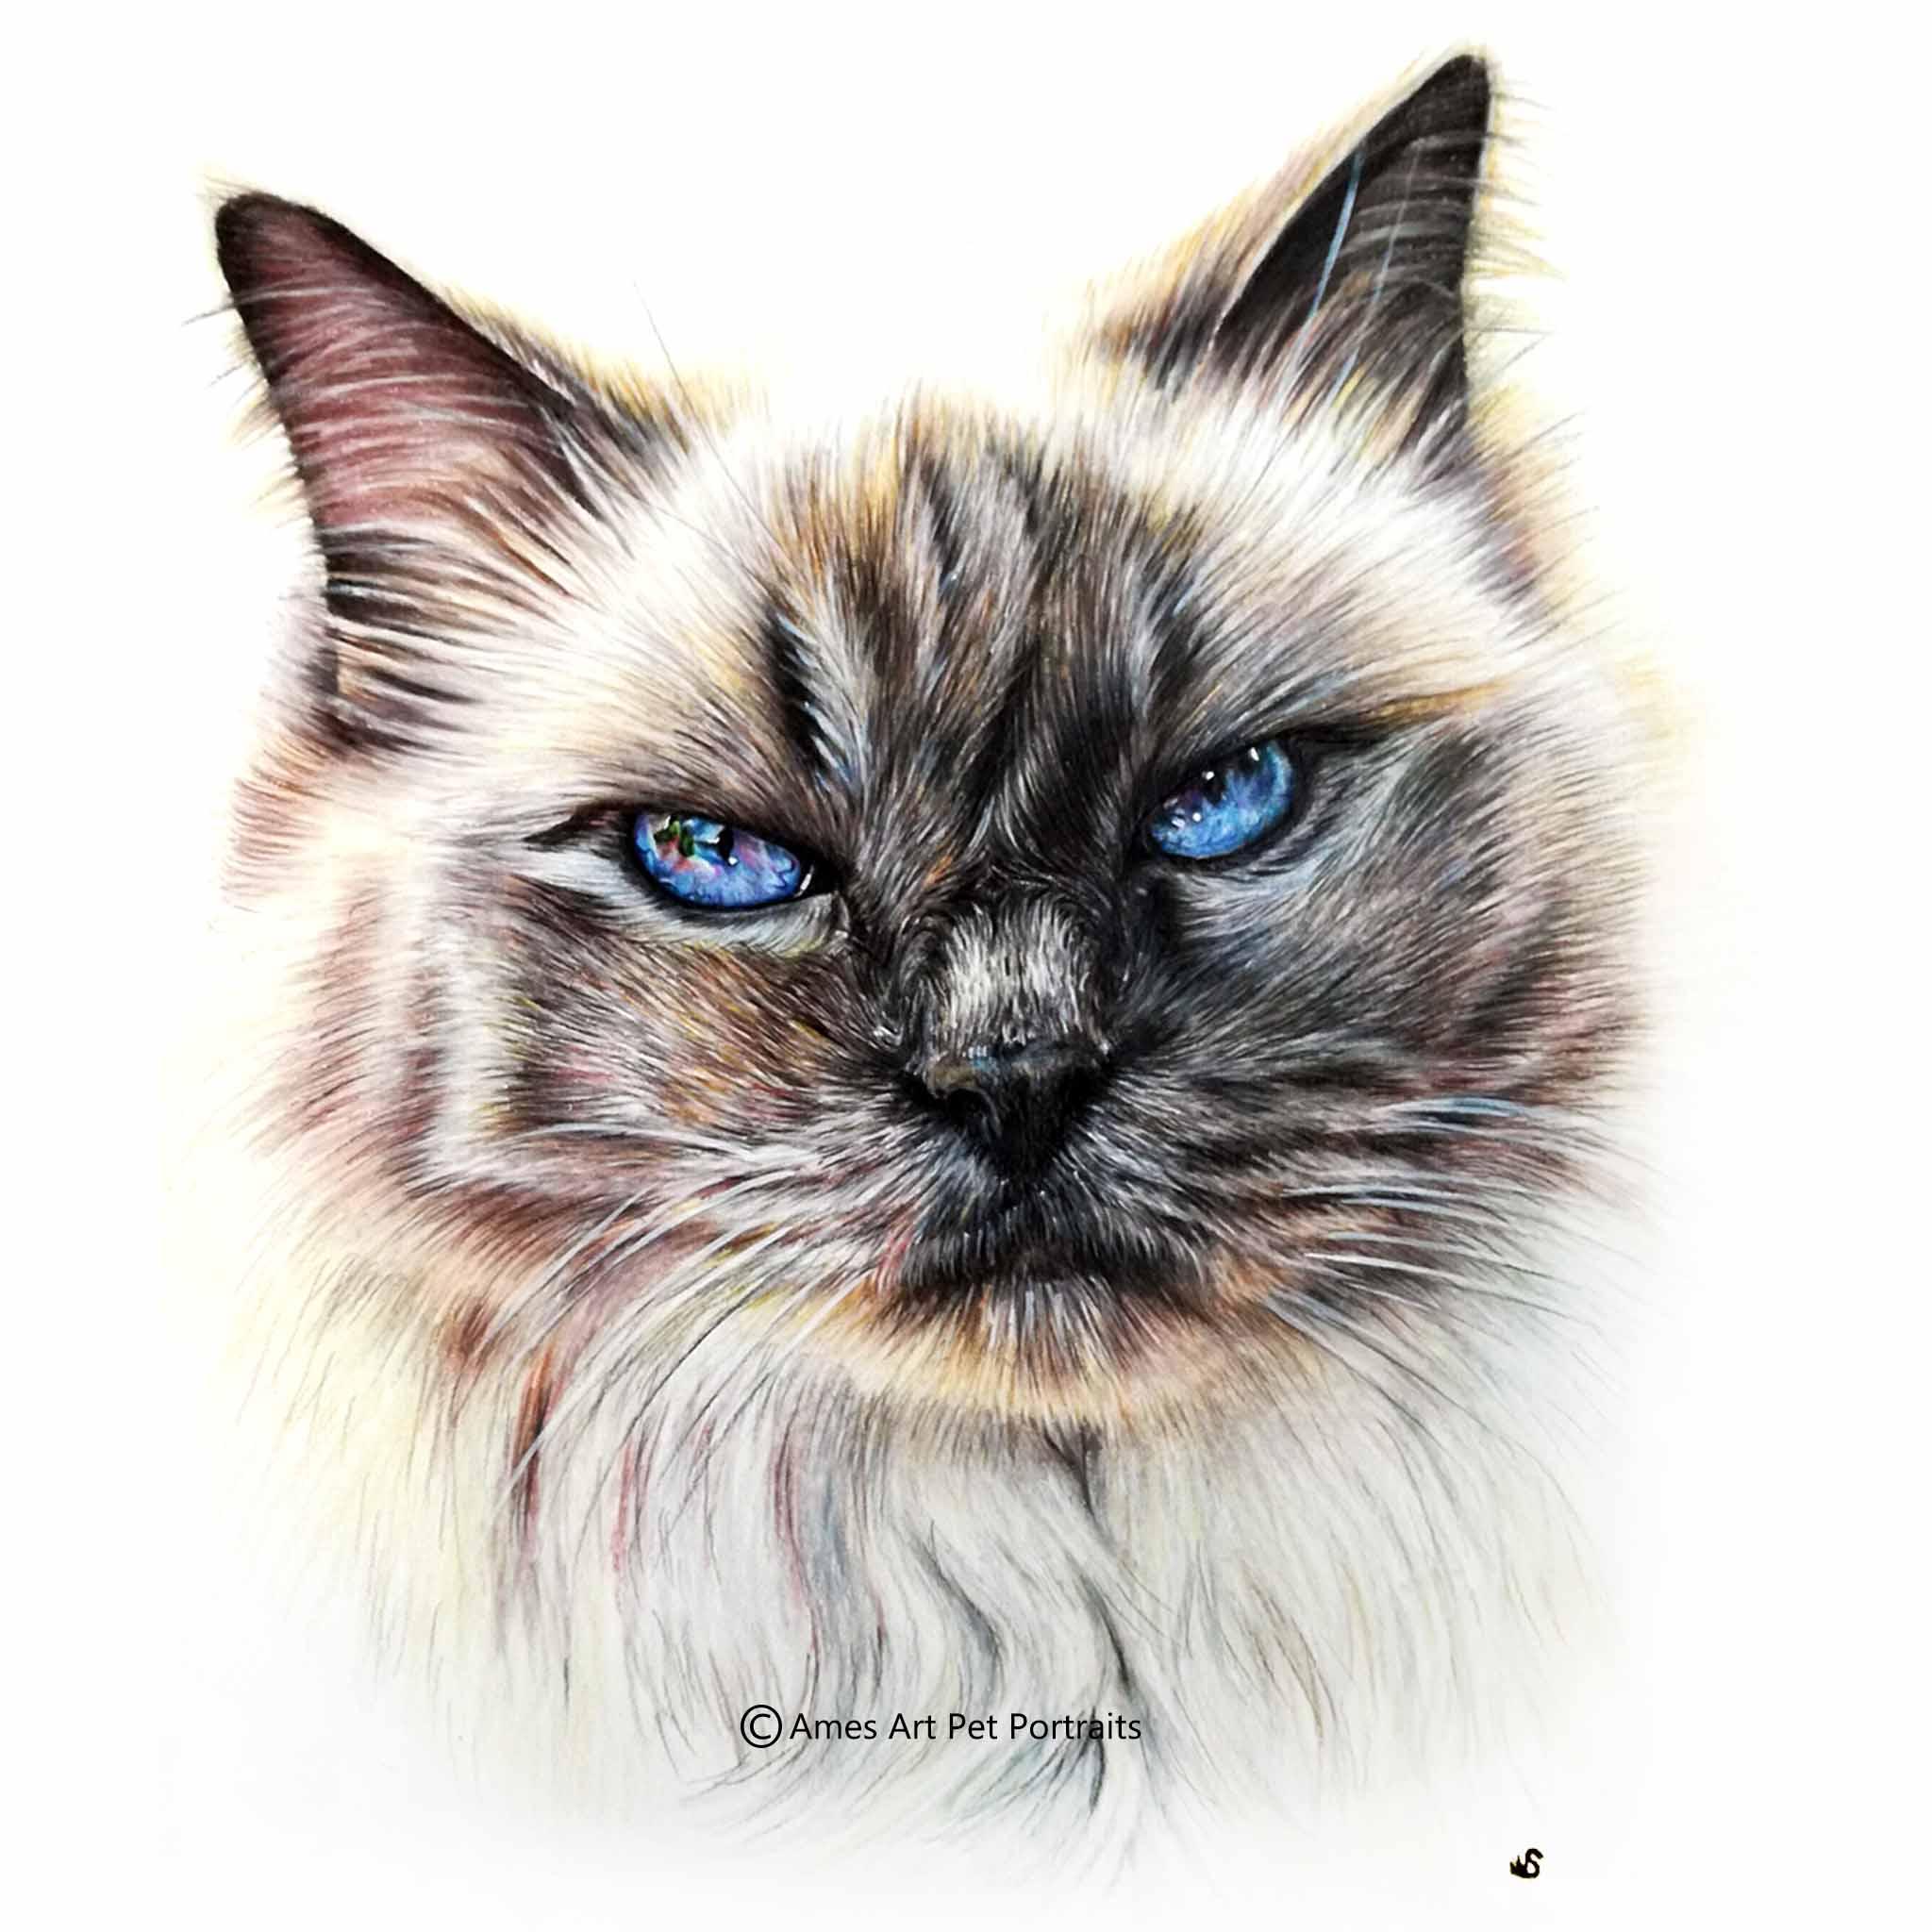 'Moet' - AUS, 11.7 x 8.3 inches, 2017, Colour Pencil Cat Portrait